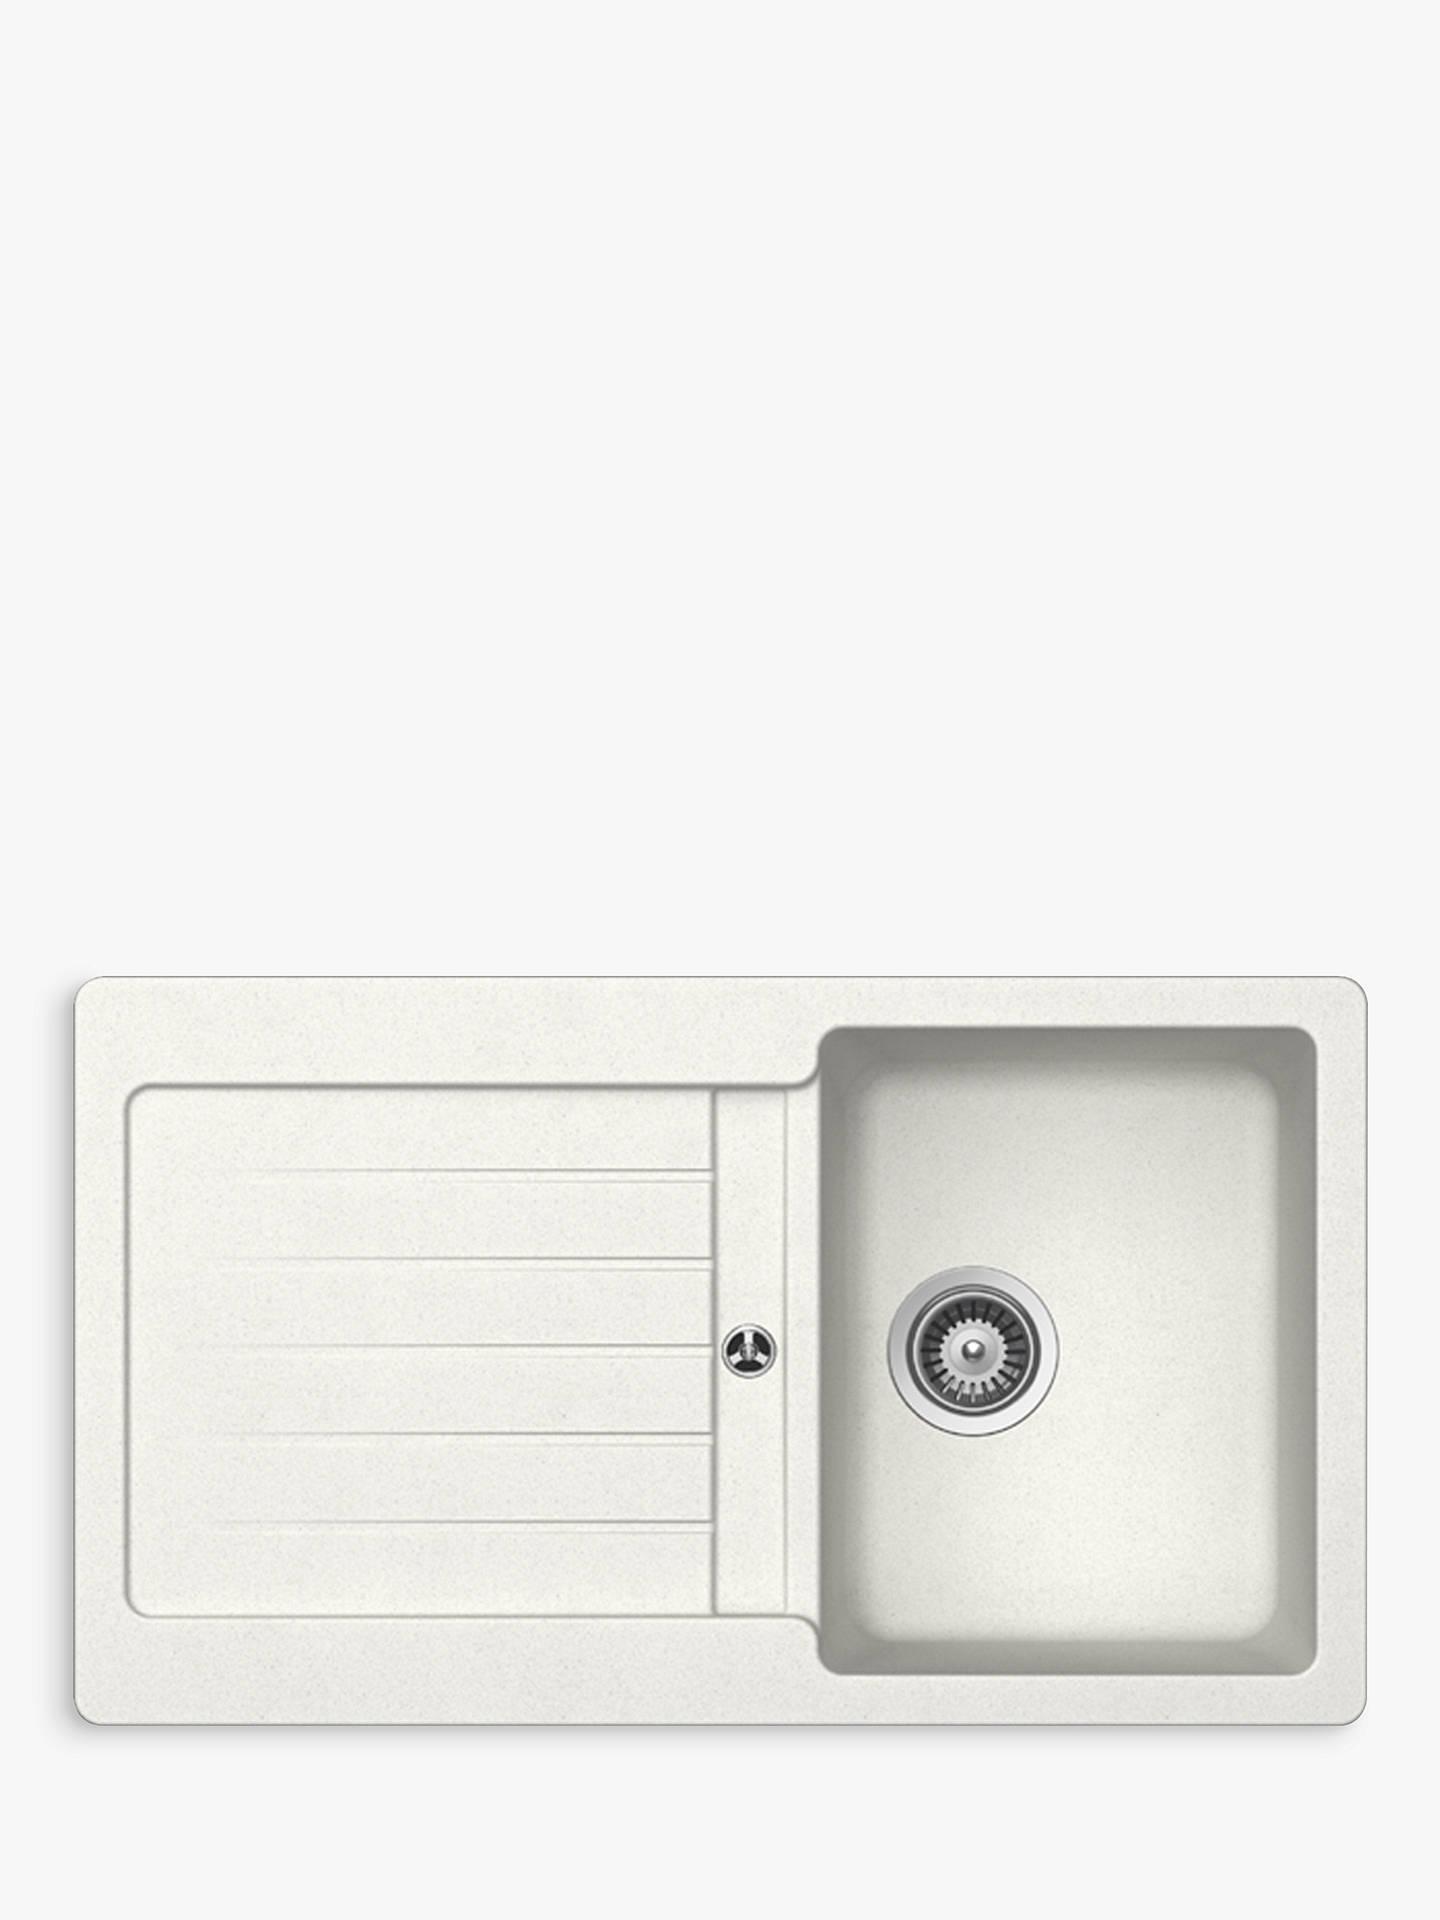 Schock Typos Single Bowl Kitchen Sink At John Lewis & Partners